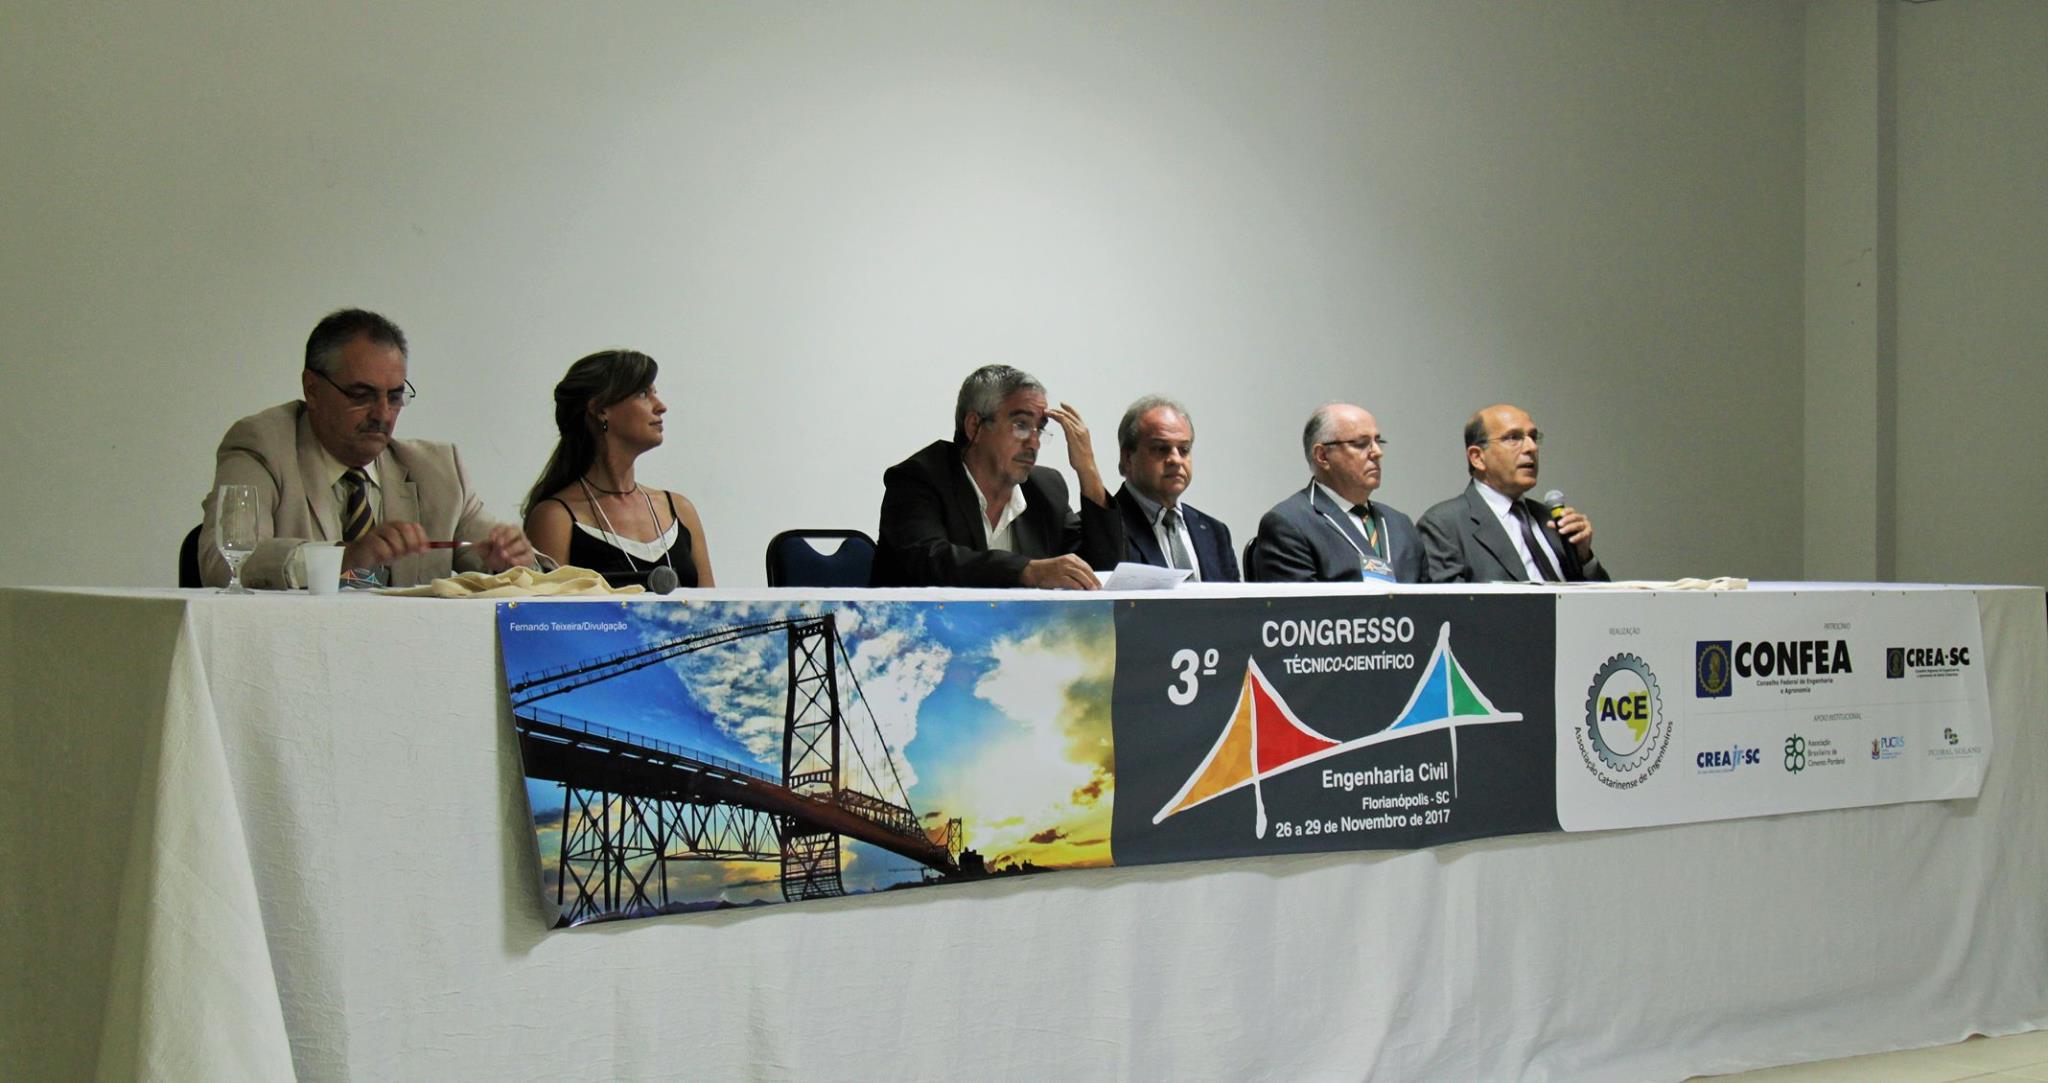 Congresso de engenharia civil reúne profissionais de todo o país em Florianópolis